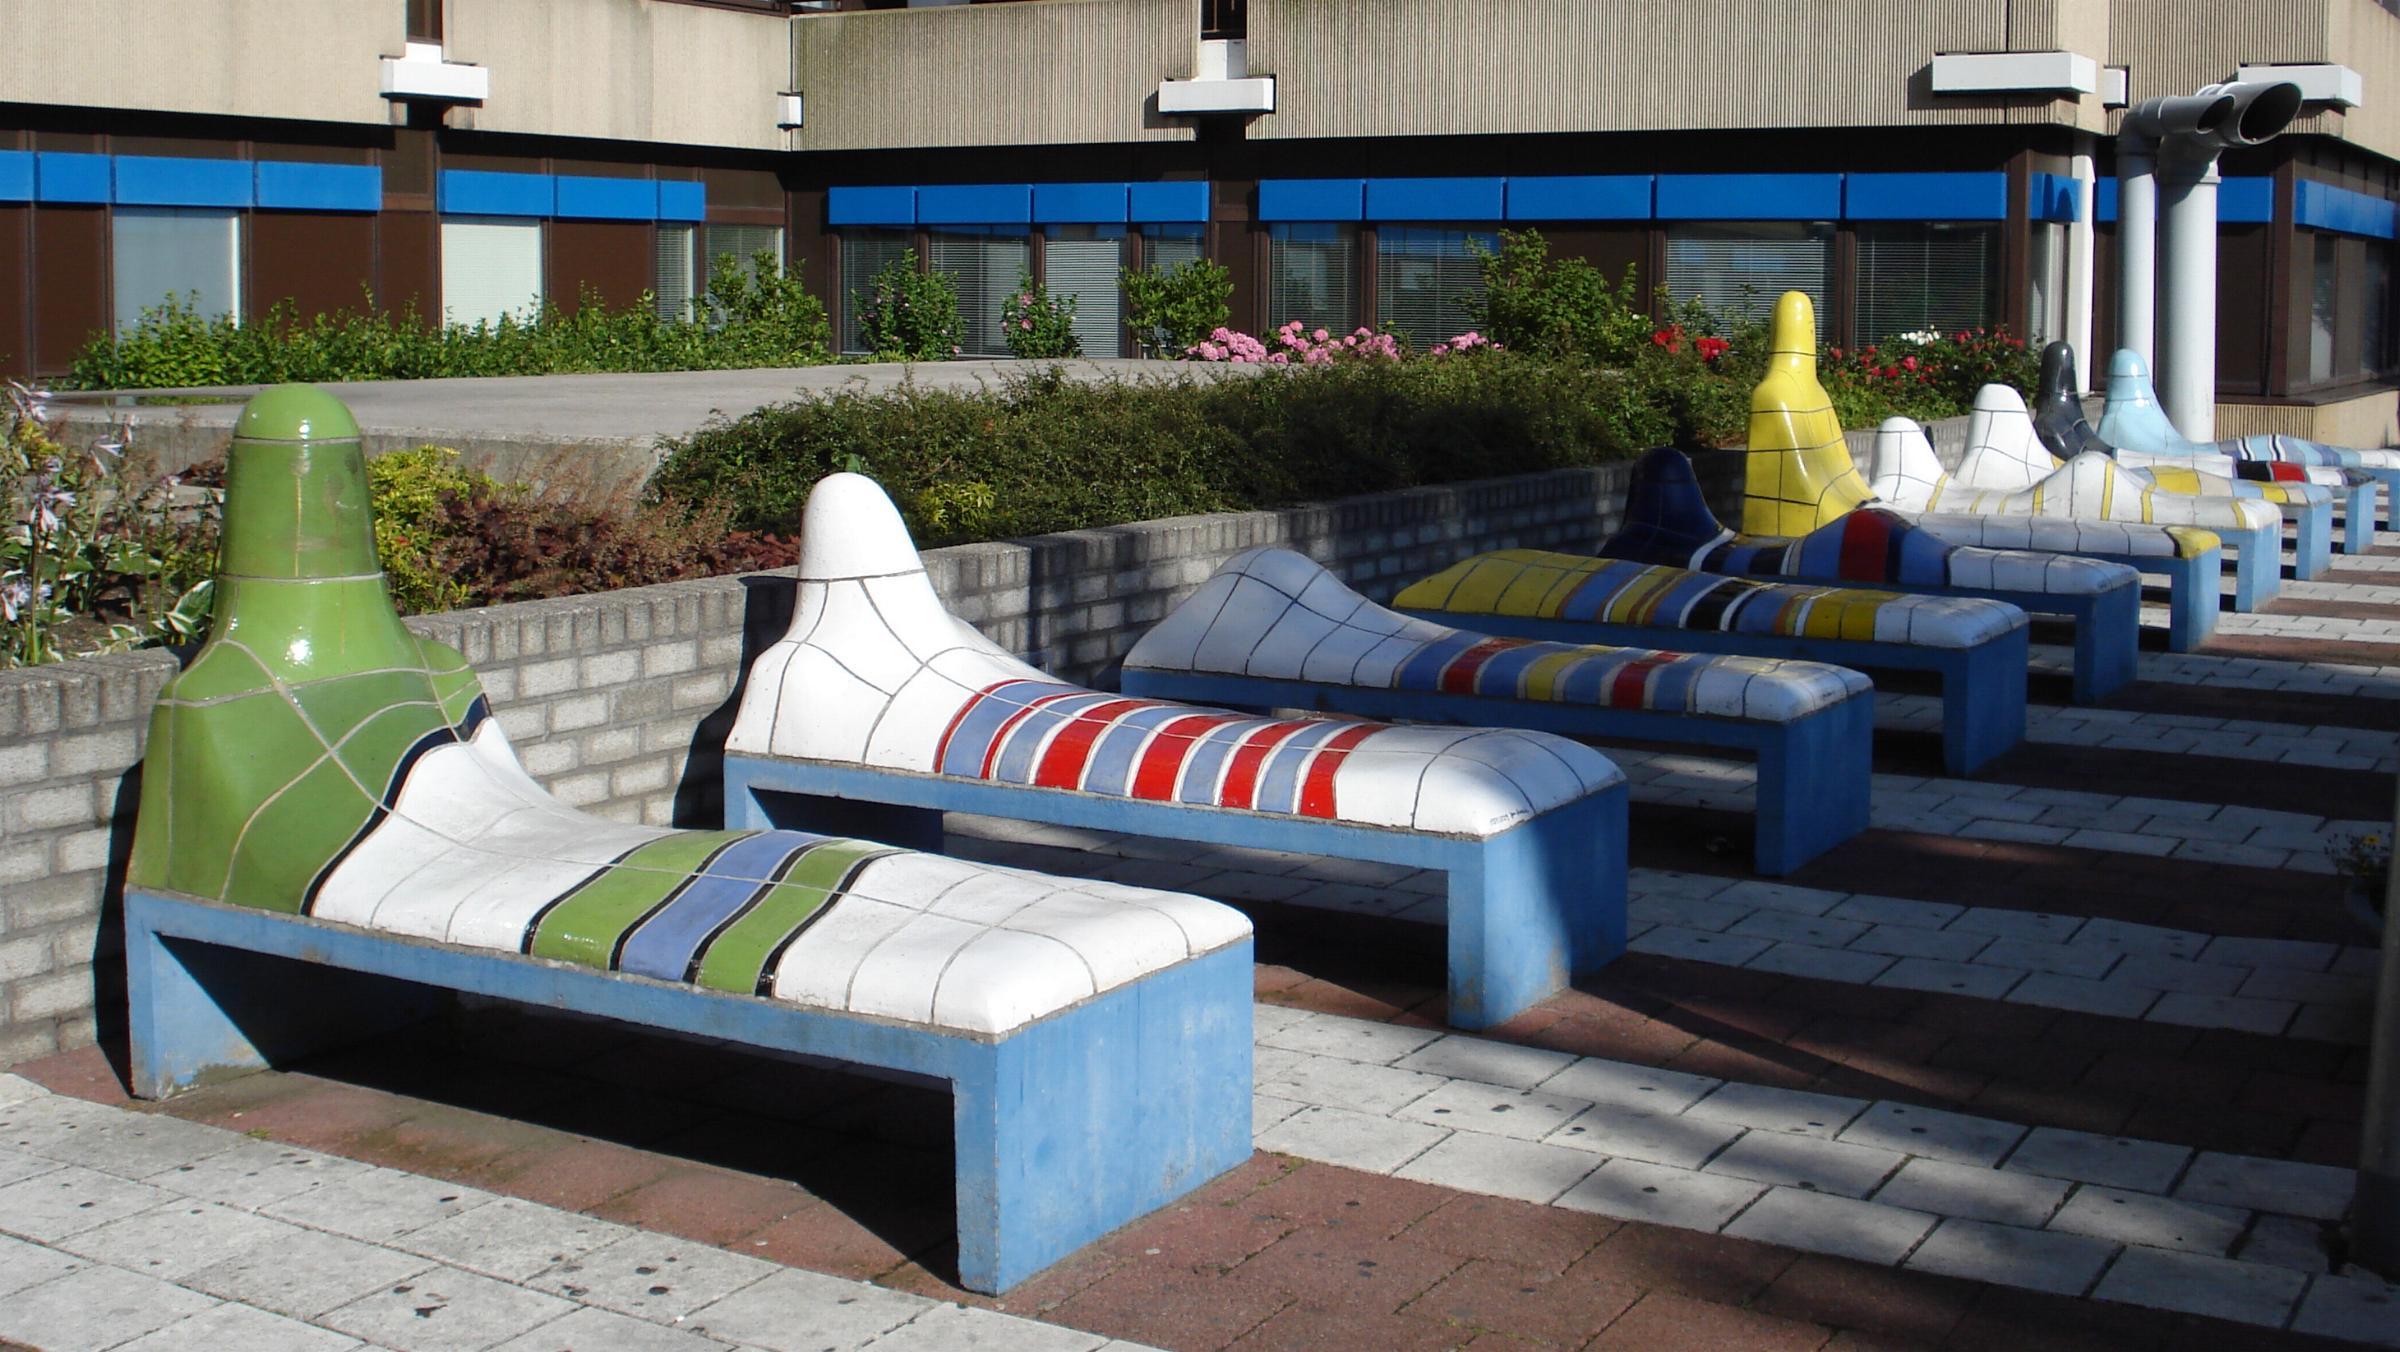 Bedden Den Haag.File Denhaag Kunstwerk Zieken Te Bed Jpg Wikimedia Commons